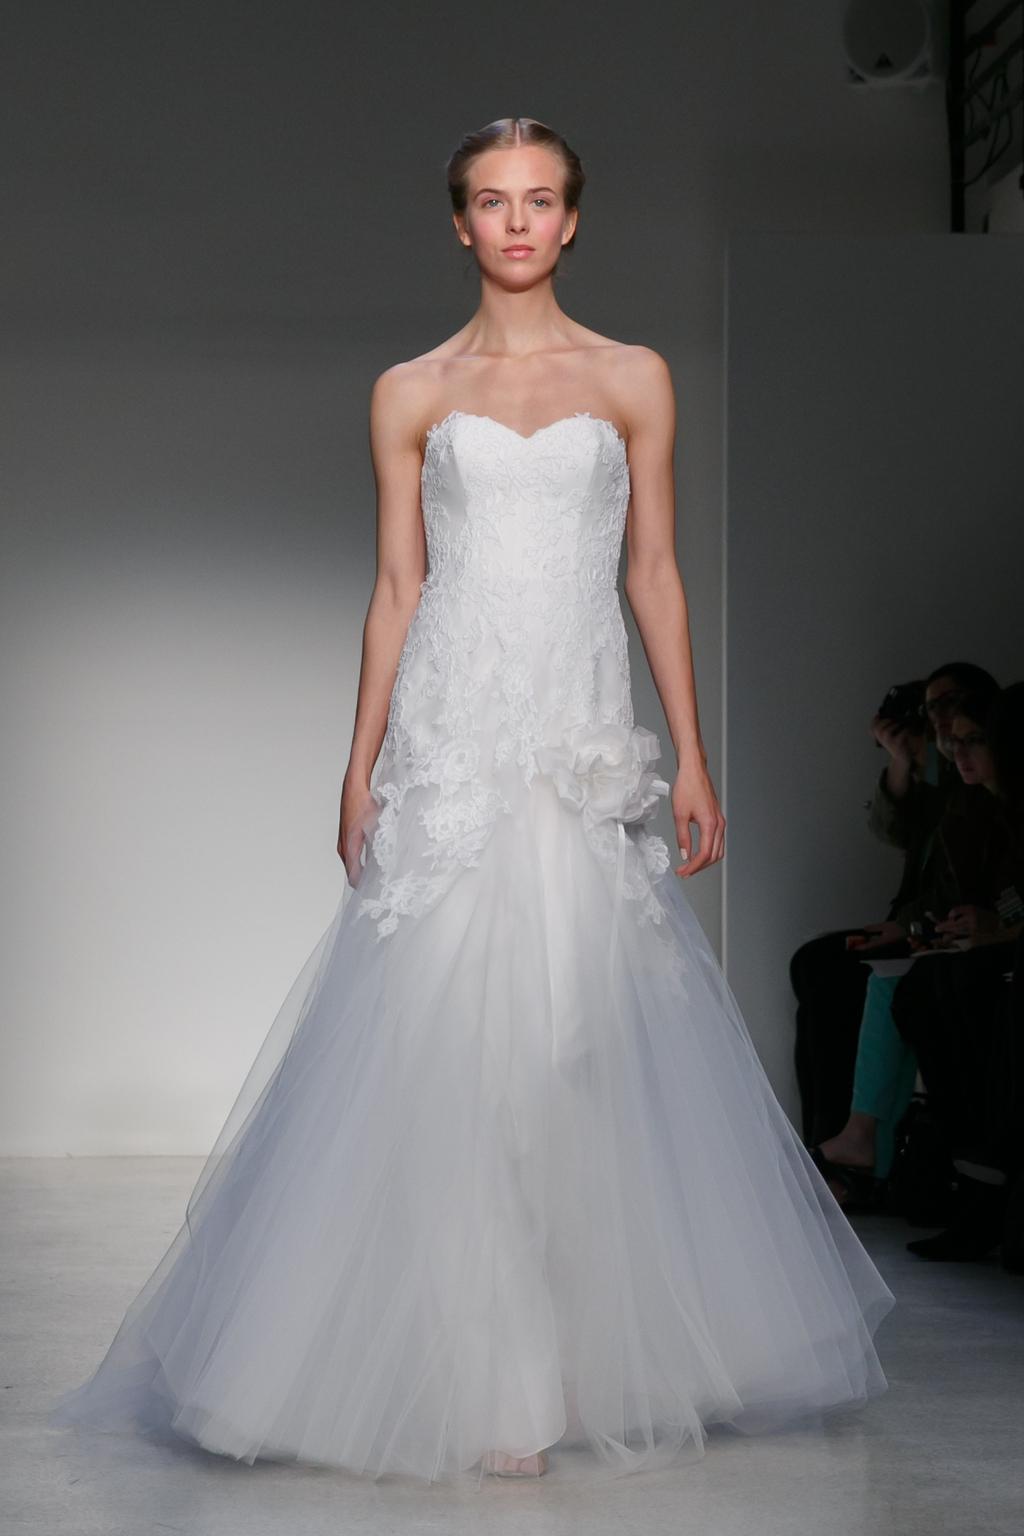 Fall-2013-wedding-dress-by-christos-amsale-bridal-10.full